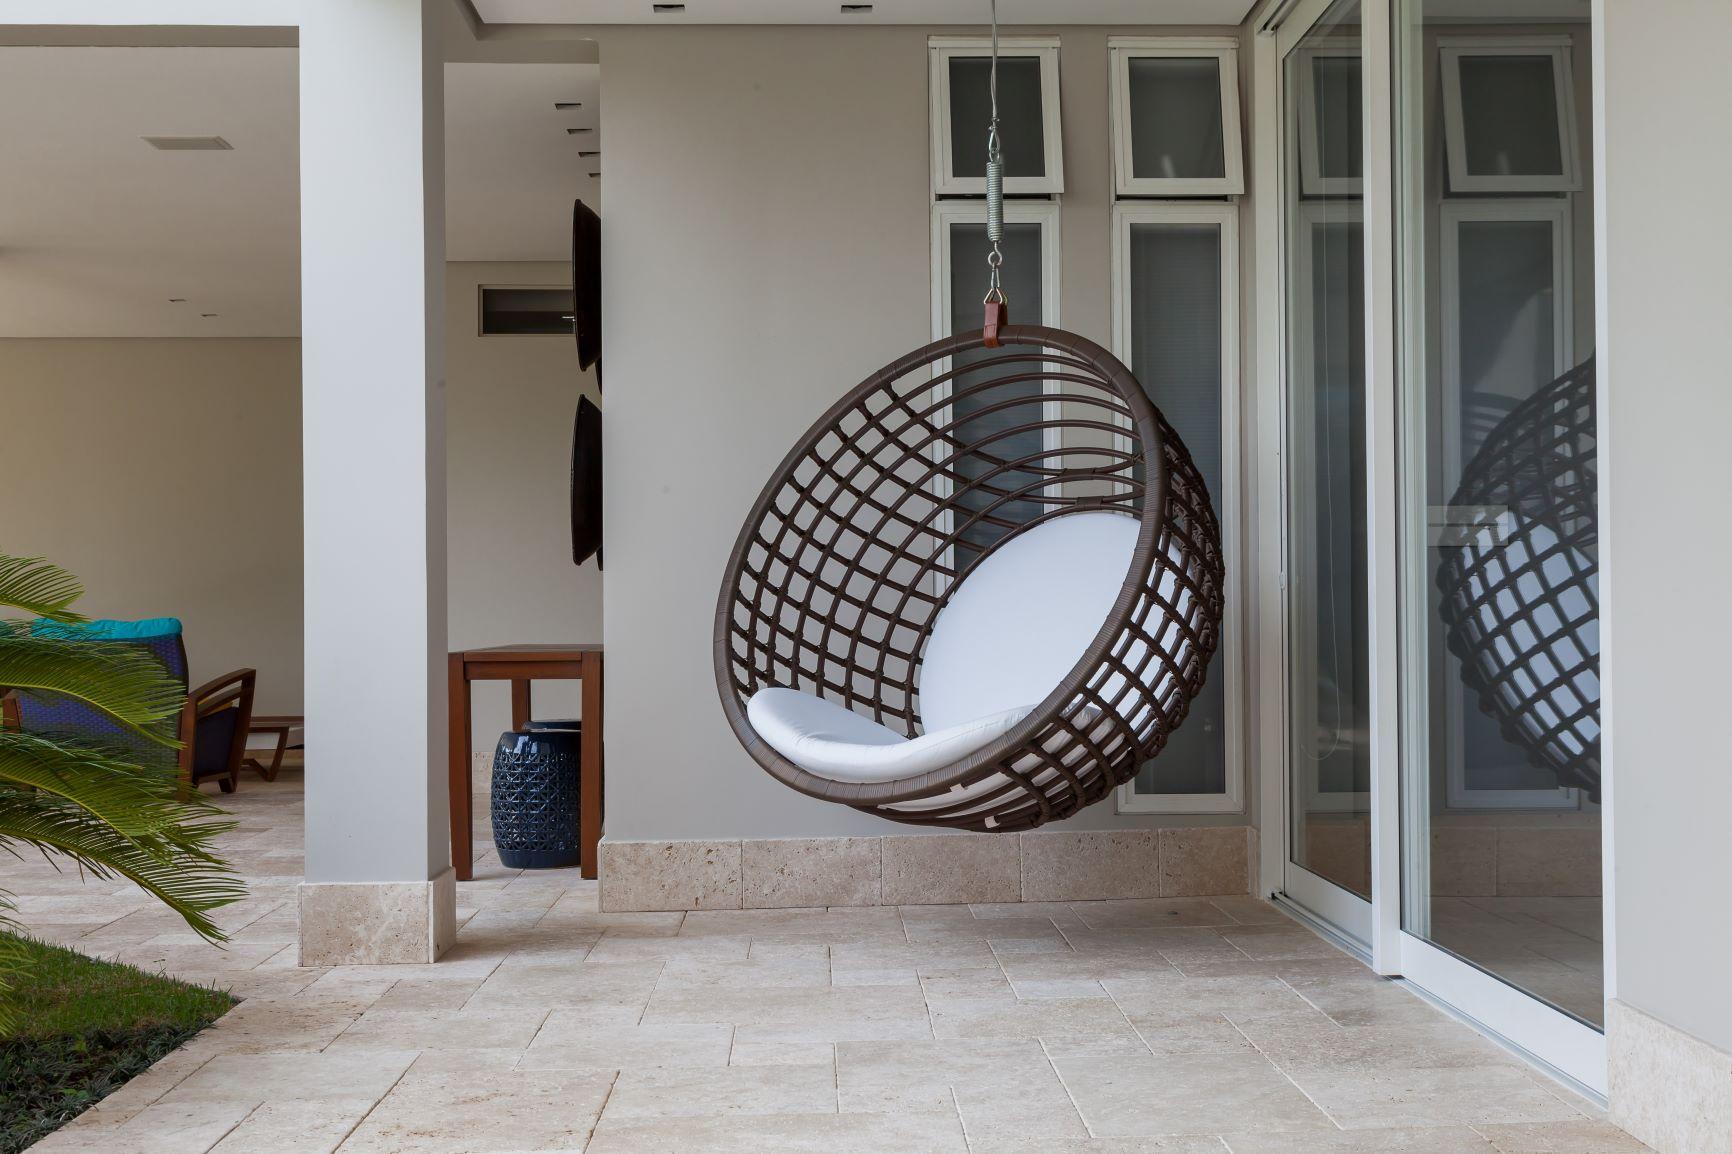 área externa com piso revestido de pedras naturais e cadeira balanço suspensa.